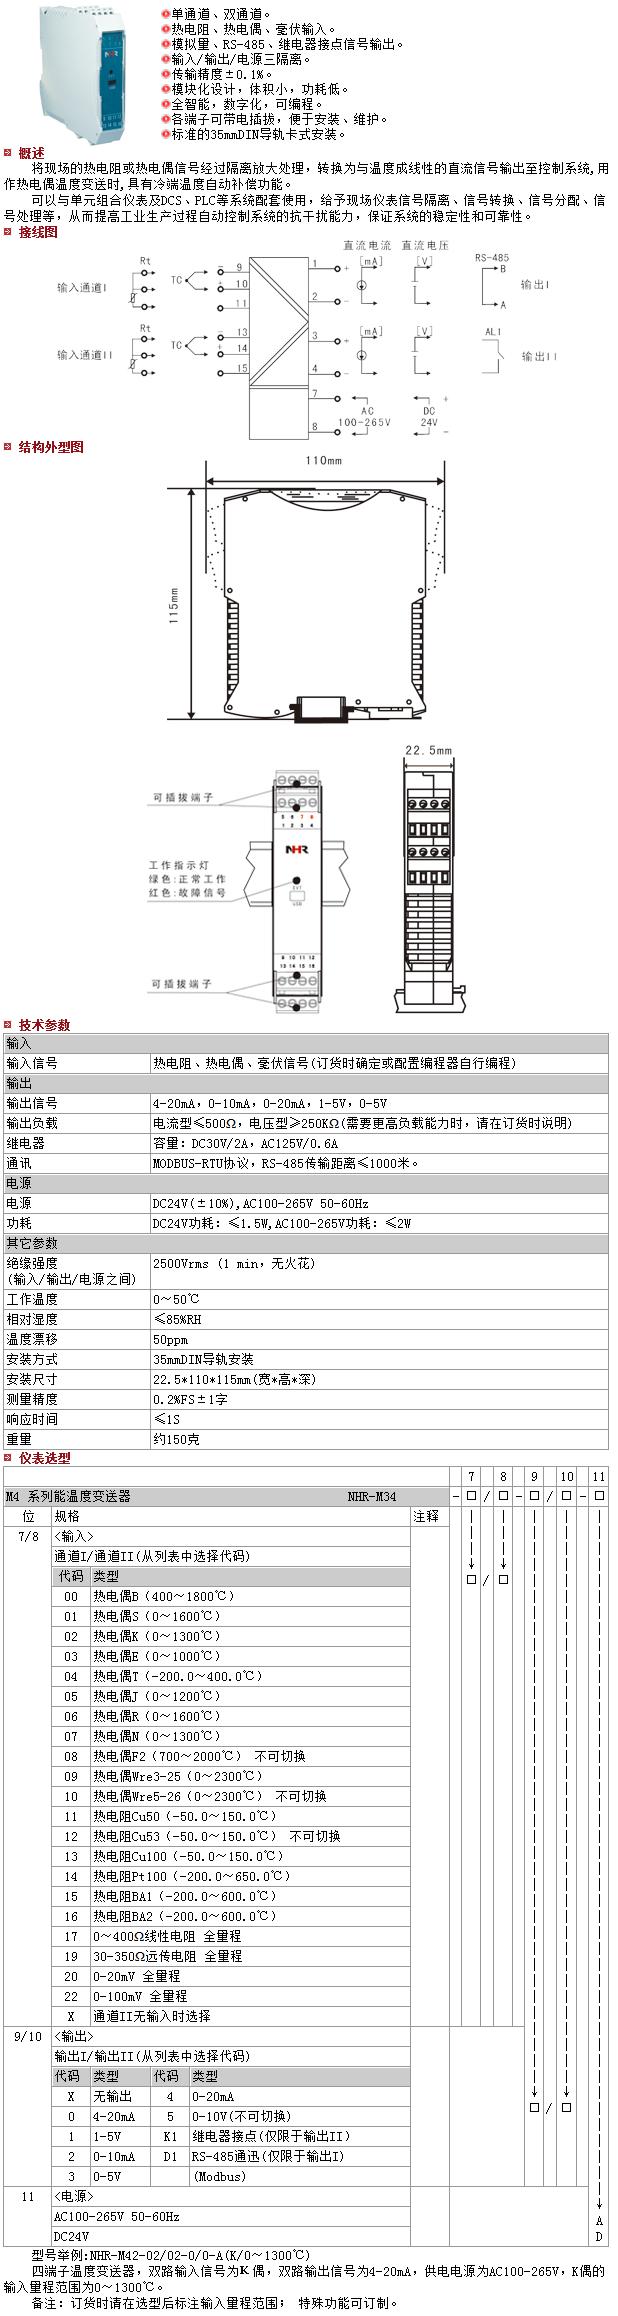 nhr-m42智能温度变送器将现场的热电阻或热电偶信号经过隔离放大处理